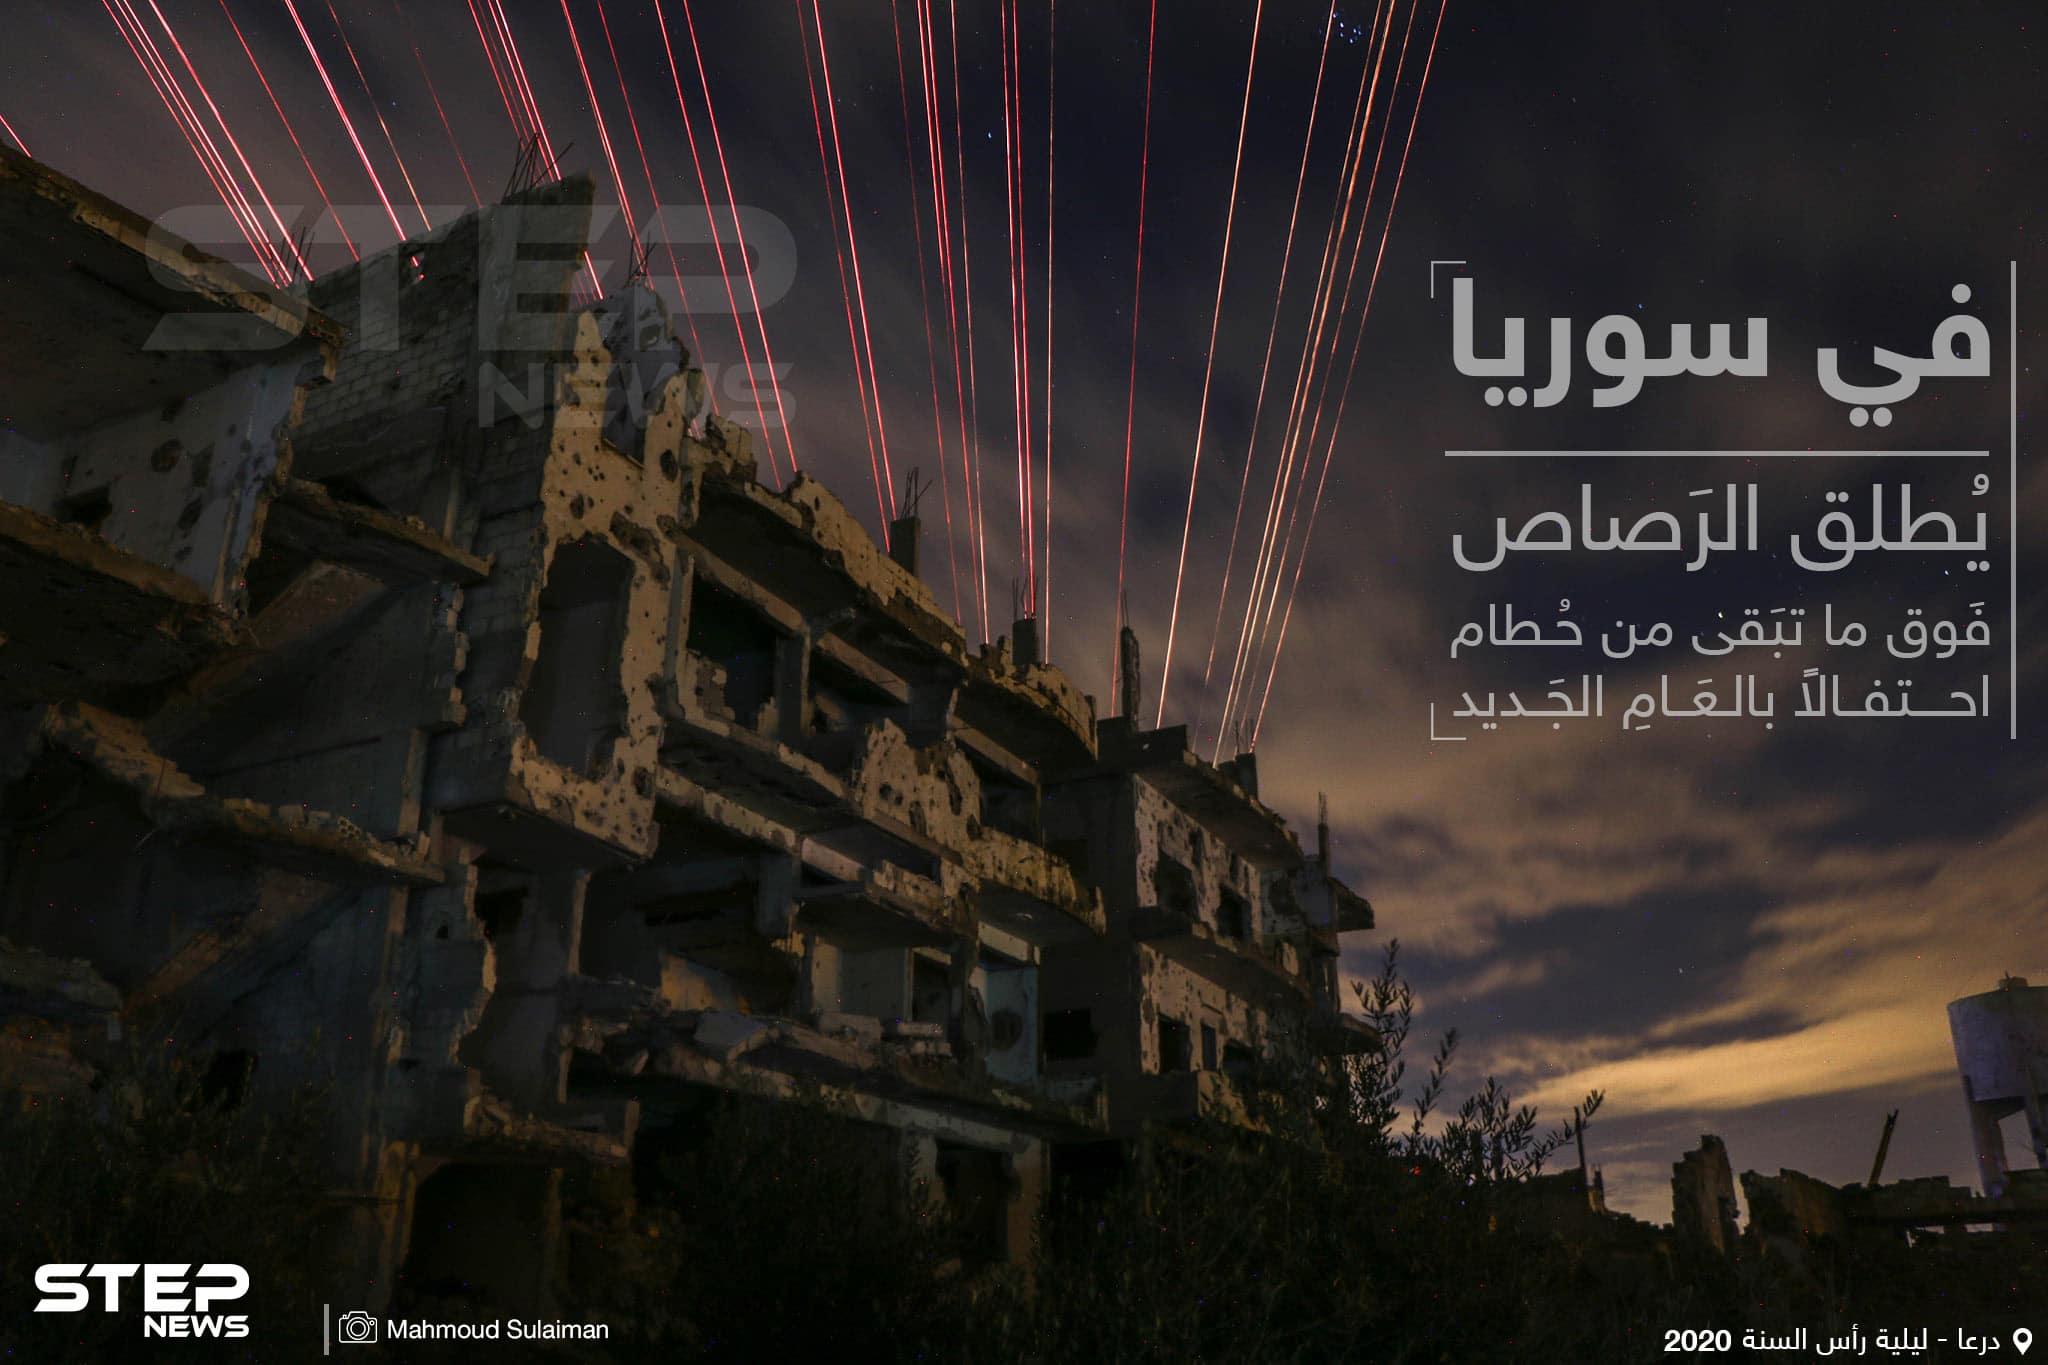 في سوريا يُطلق الرصاص فوق ما تبقى من حطام .. احتفالاً بالعام الجديد